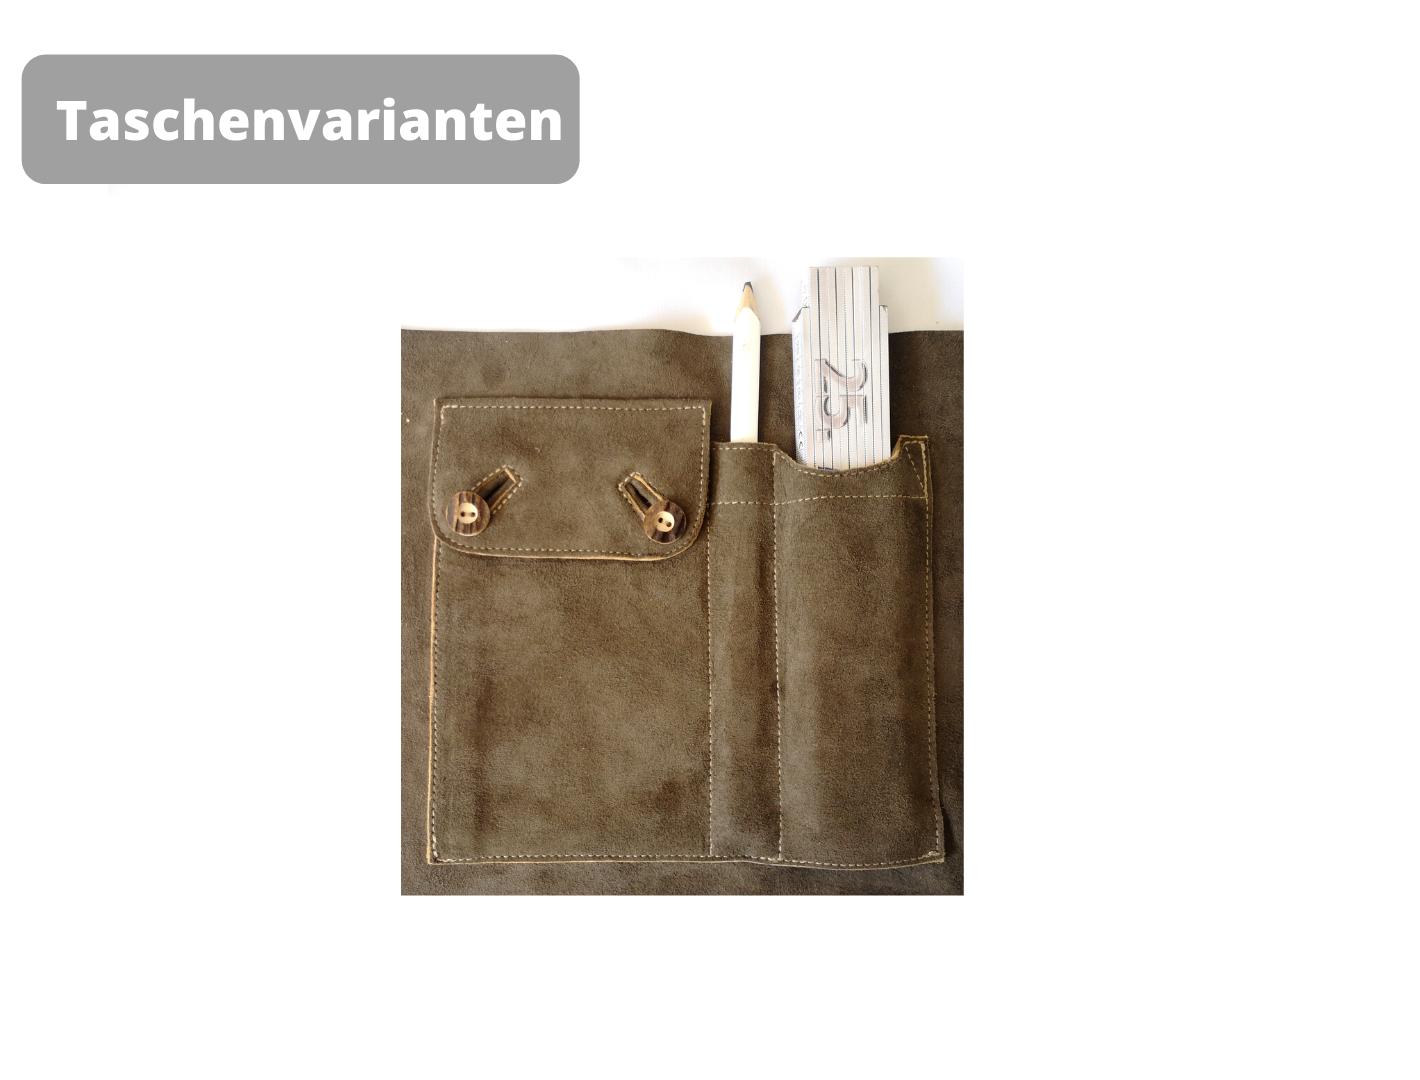 Taschenvariante Lederhose (10)